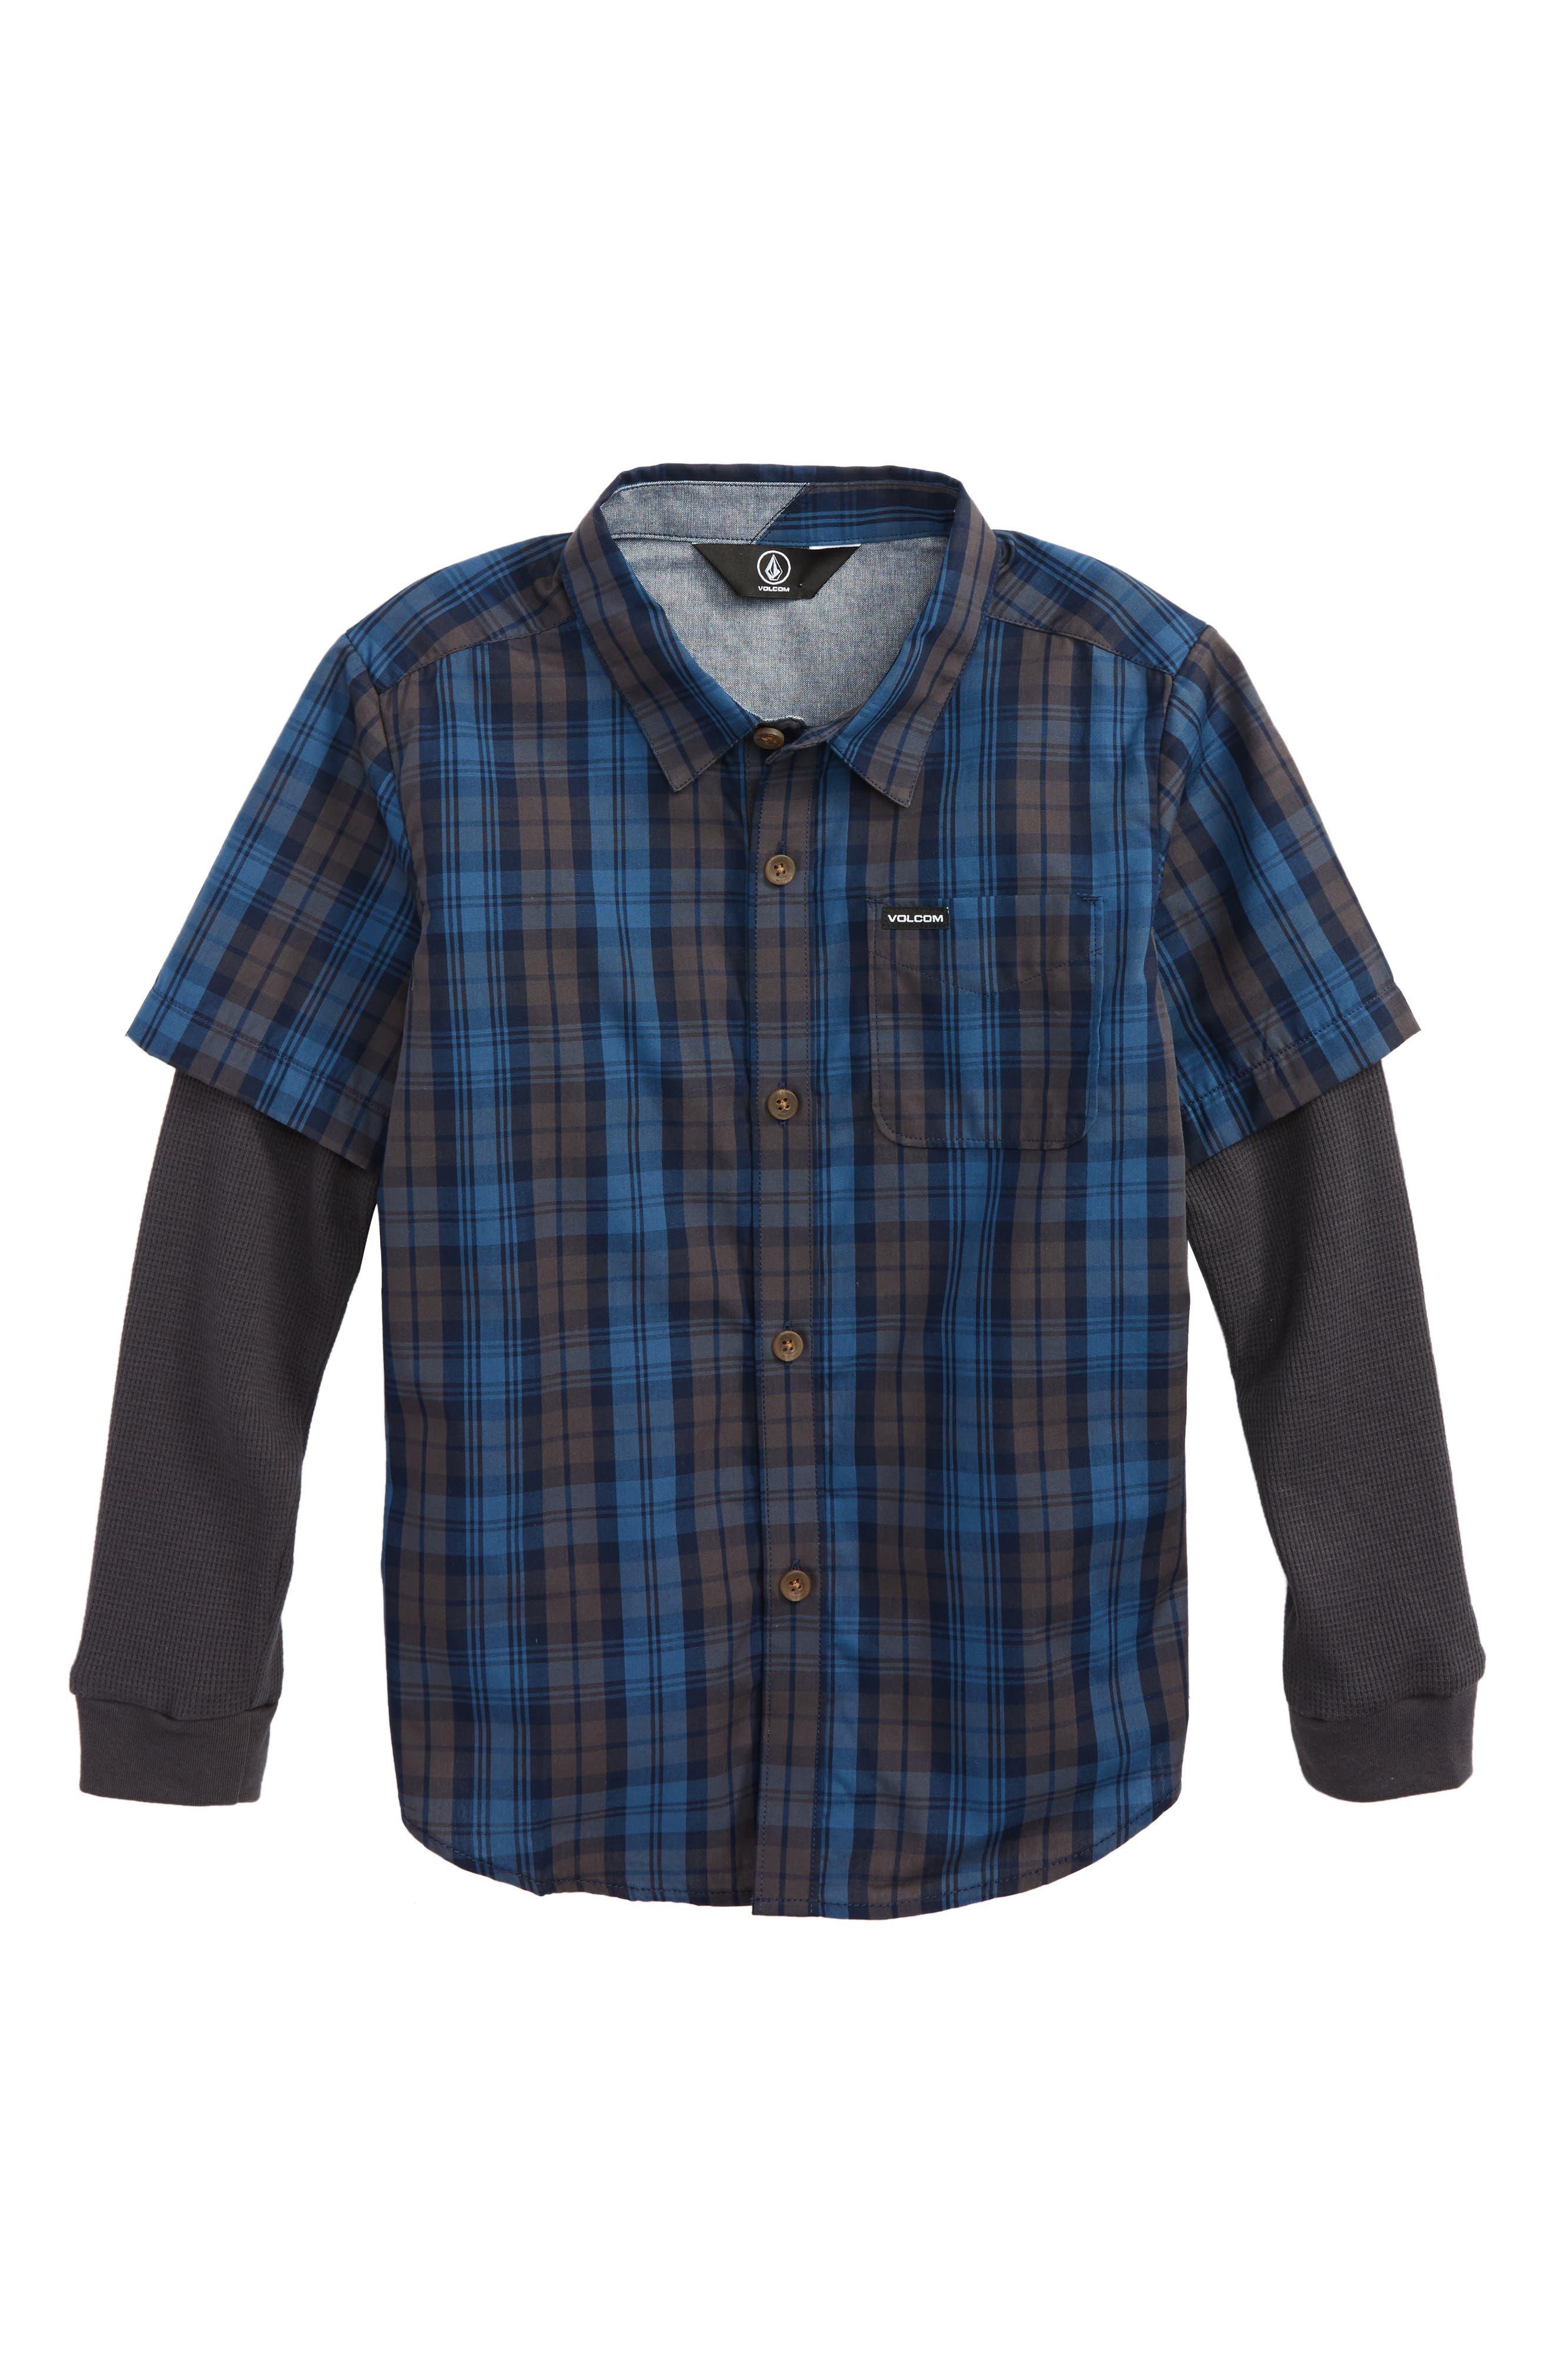 Ignition Layered Woven Shirt,                             Main thumbnail 1, color,                             405